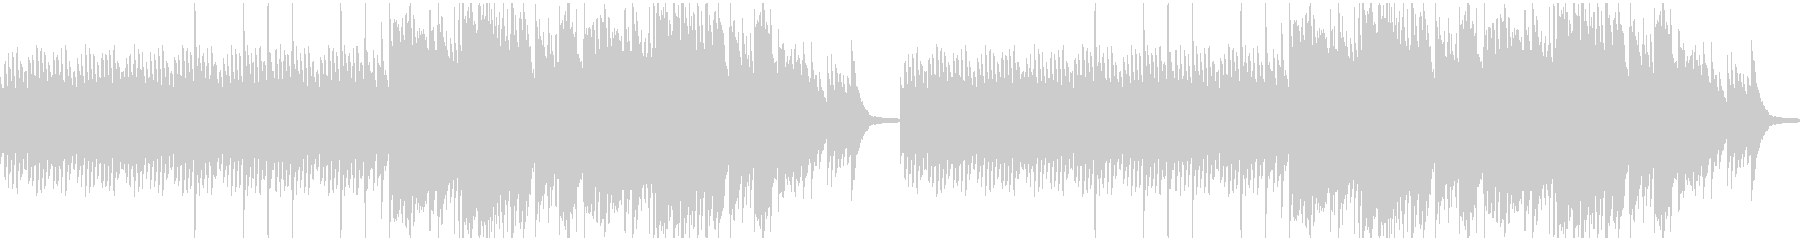 悲しい、暗い系のピアノの未再生の波形